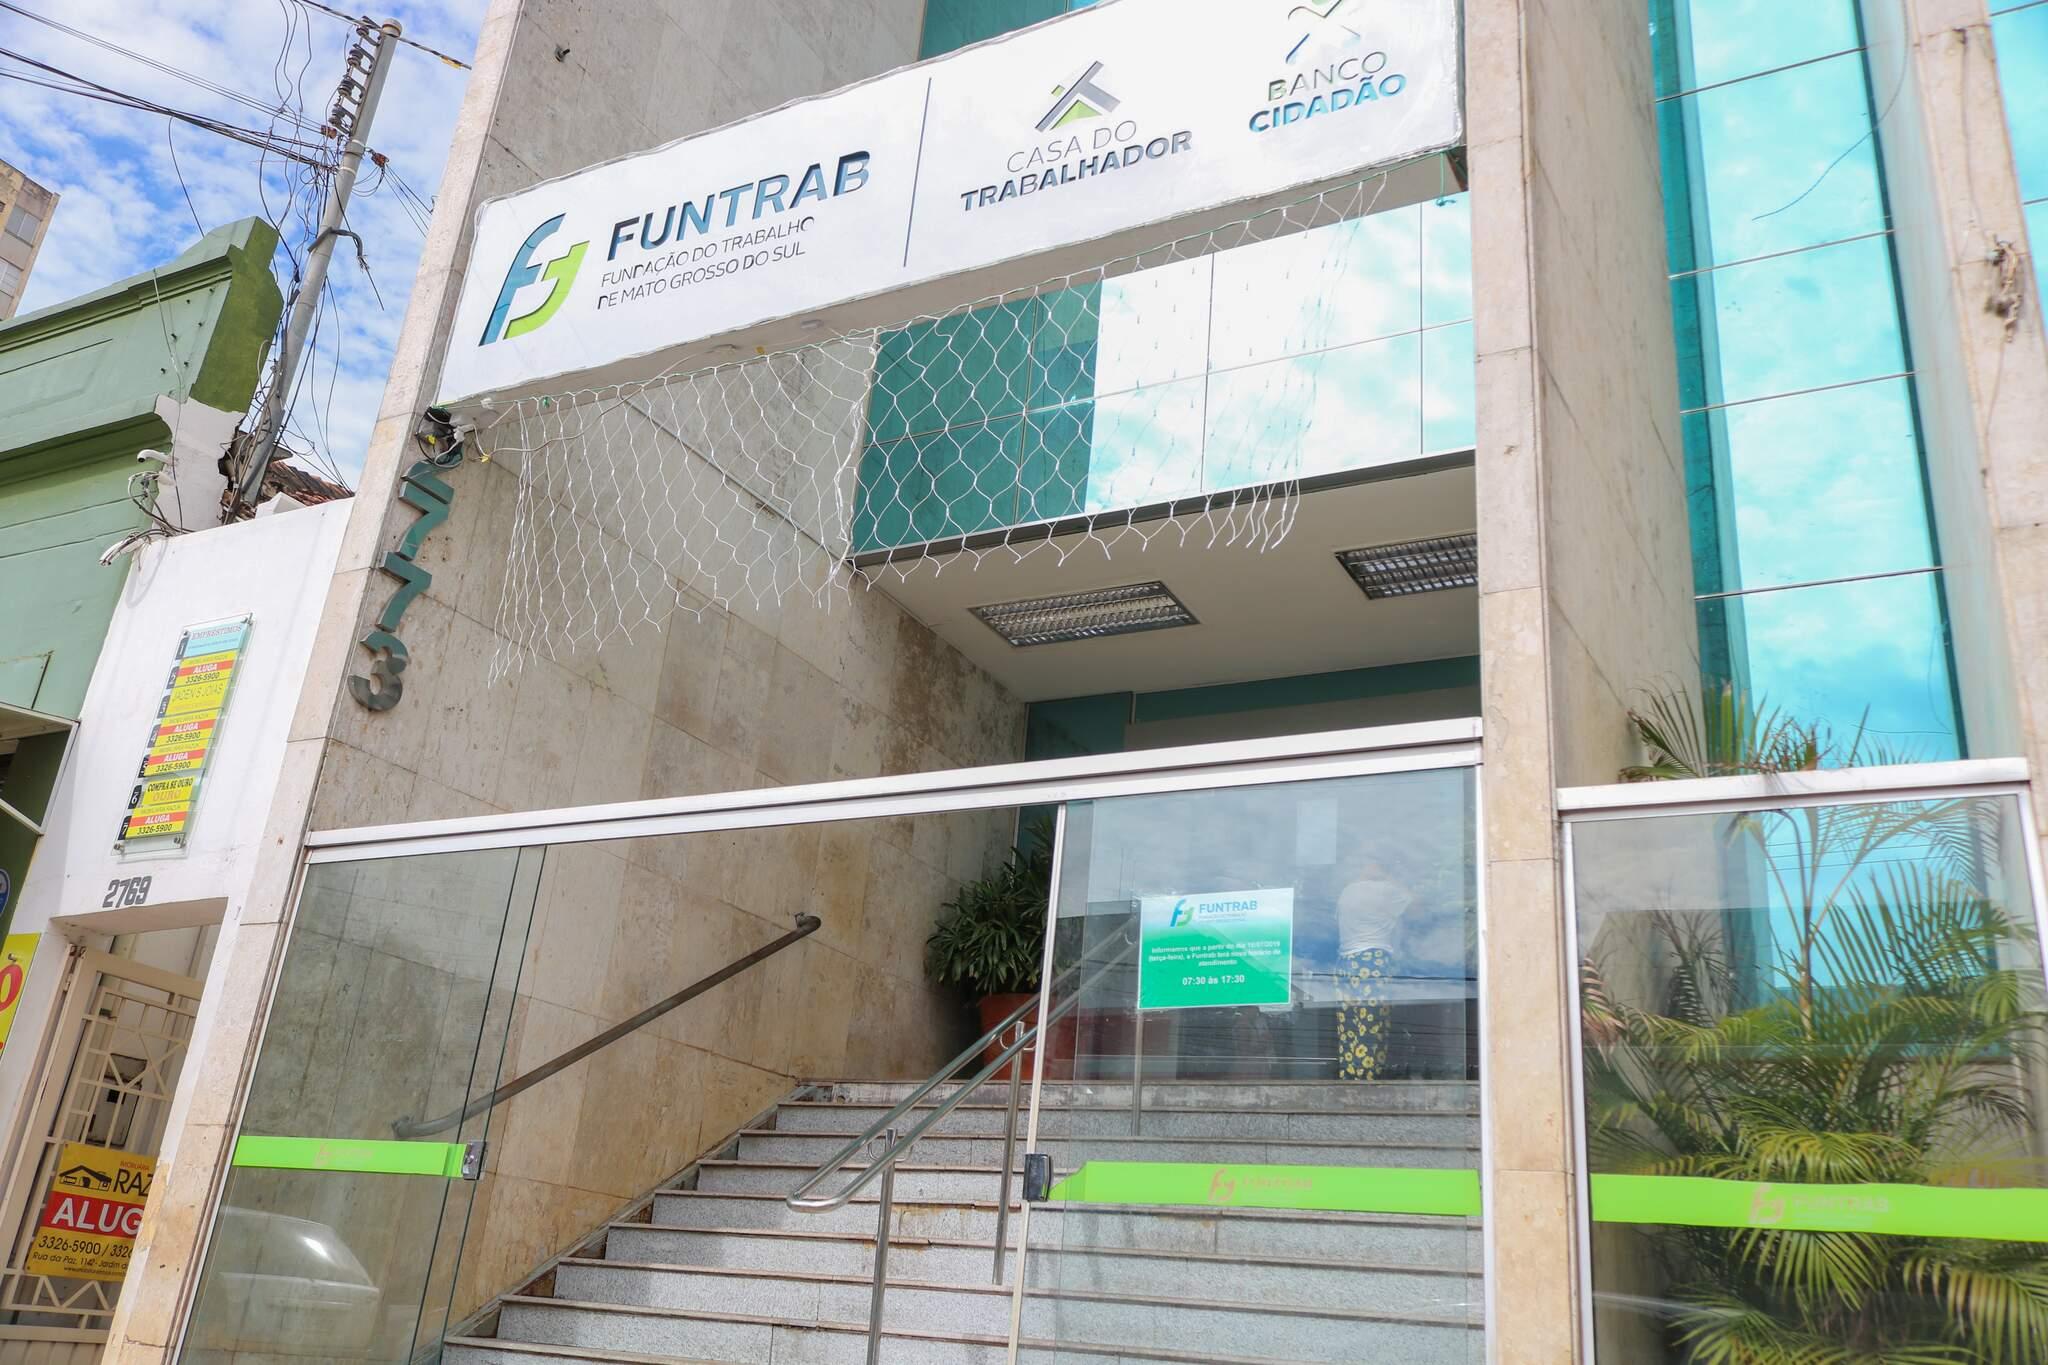 Funtrab está oefercendo 185 vagas de empregos nesta quarta-feira. (Foto: Marcos Maluf)